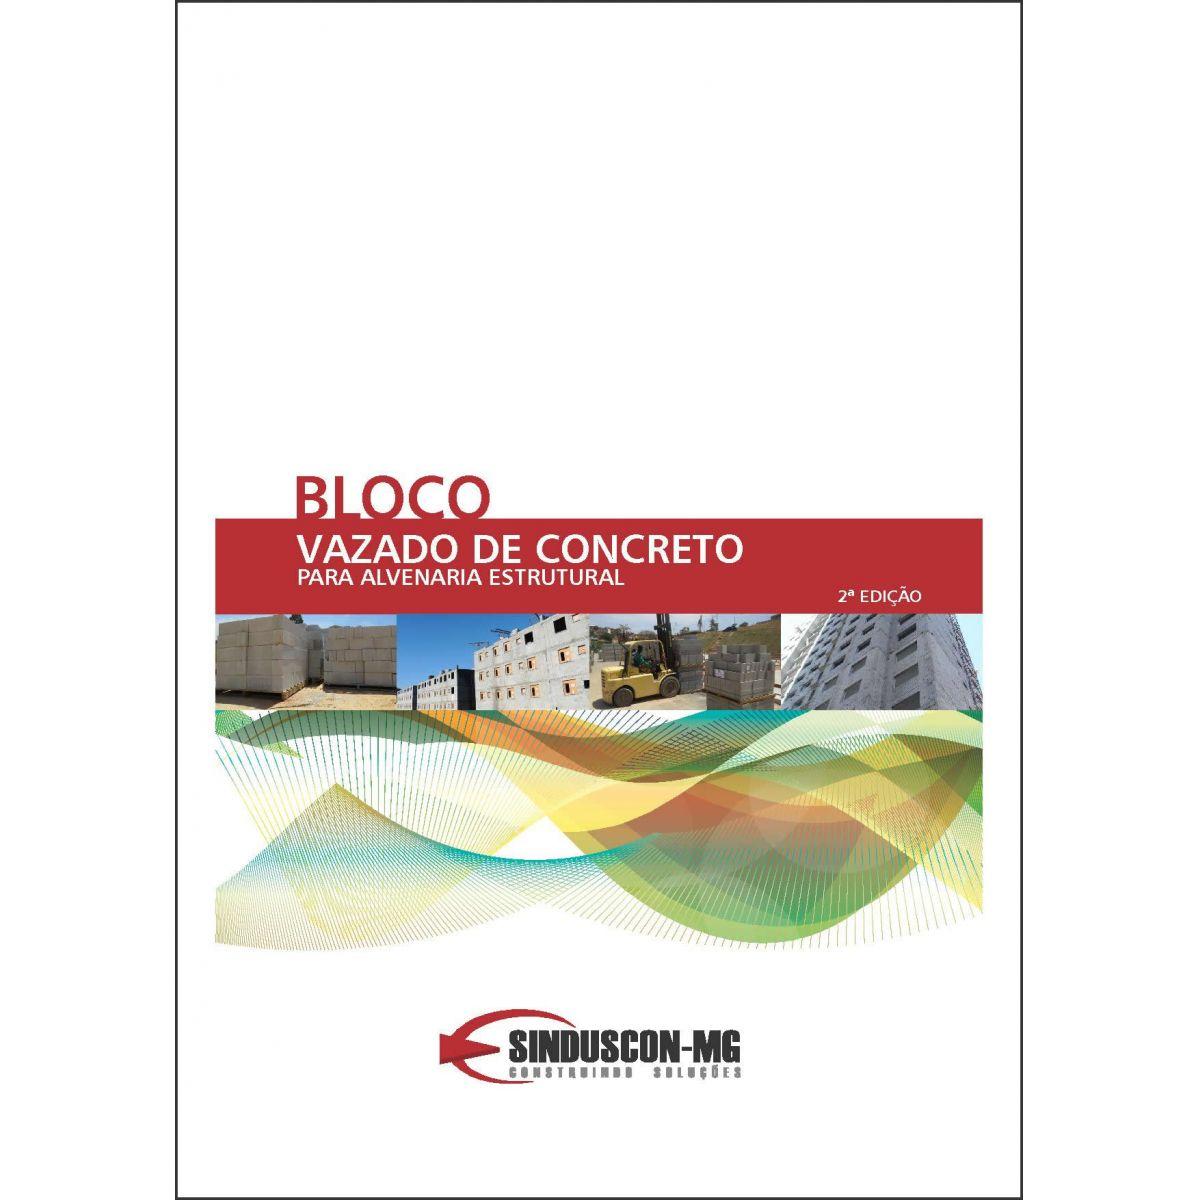 Bloco Vazado de Concreto para Alvenaria Estrutural - 2ª edição